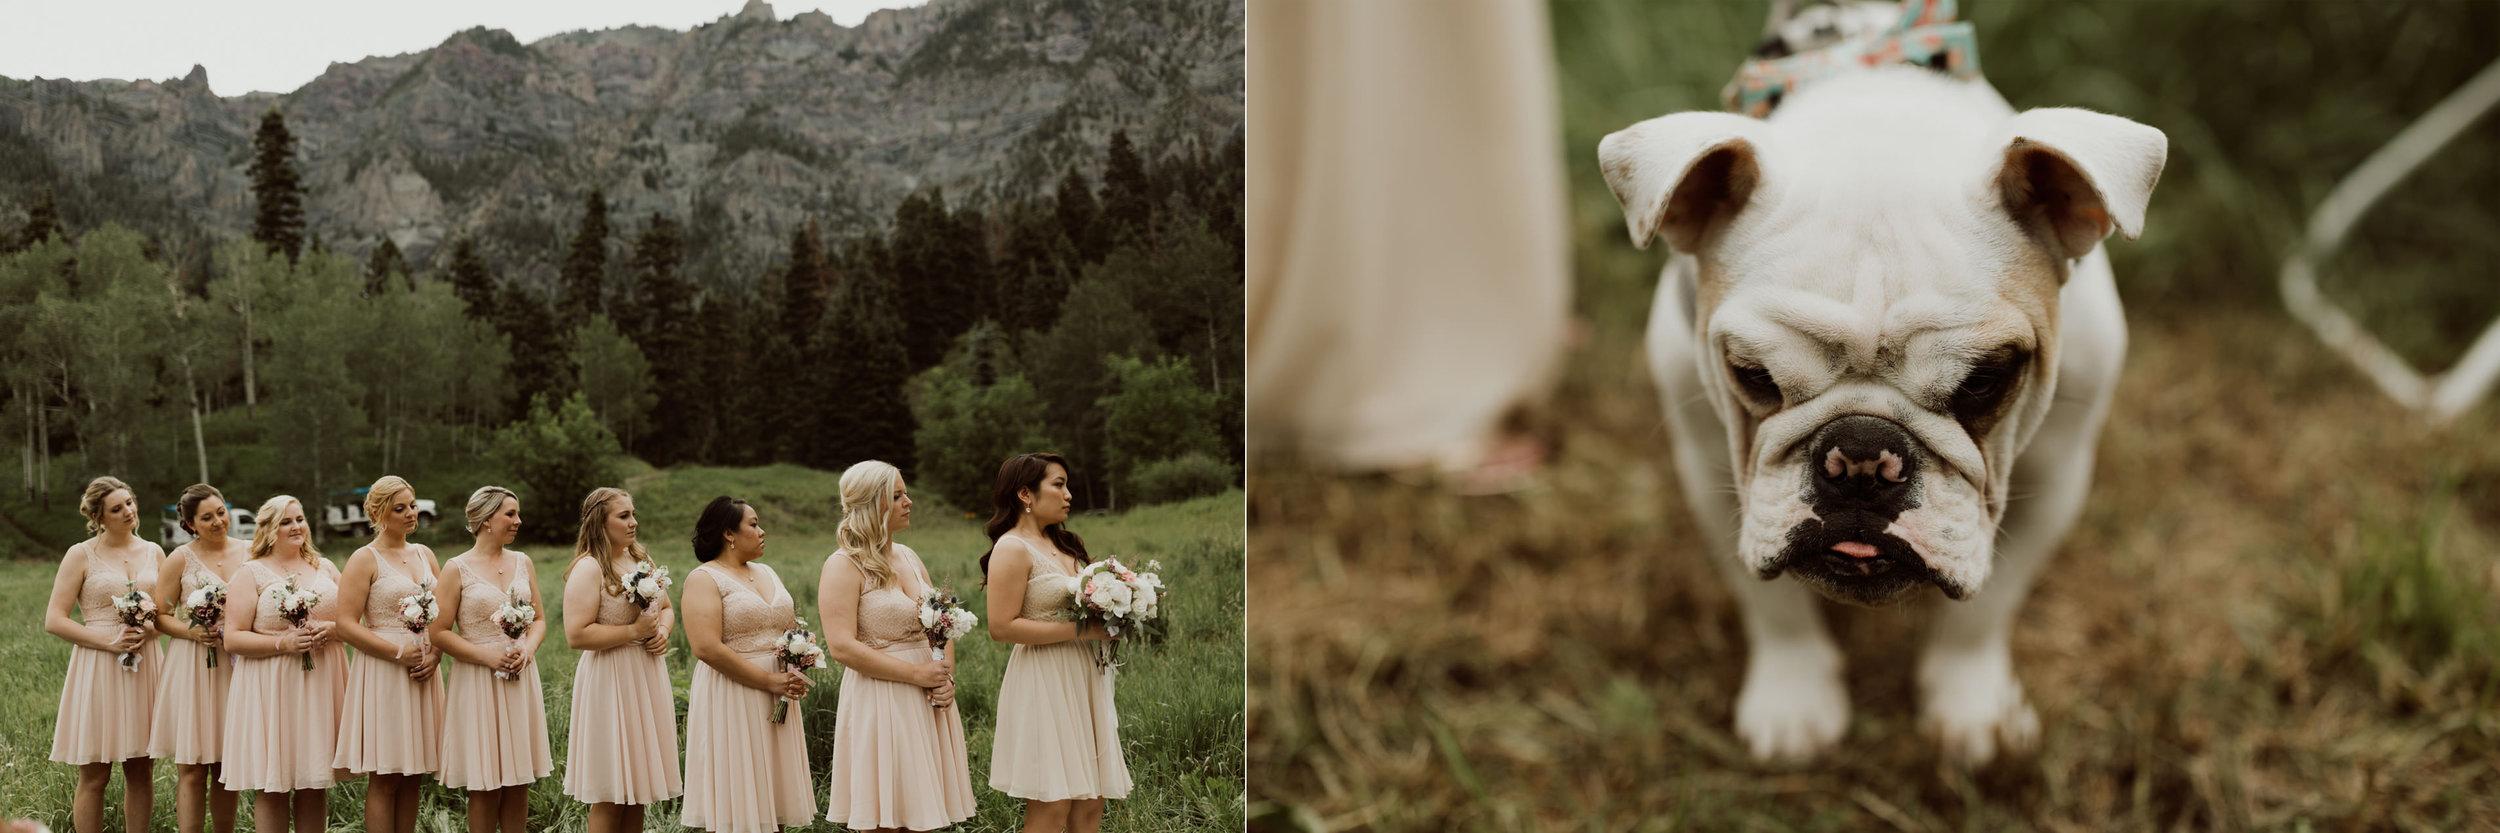 ouray-colorado-adventure-jeep-wedding_PS9.jpg